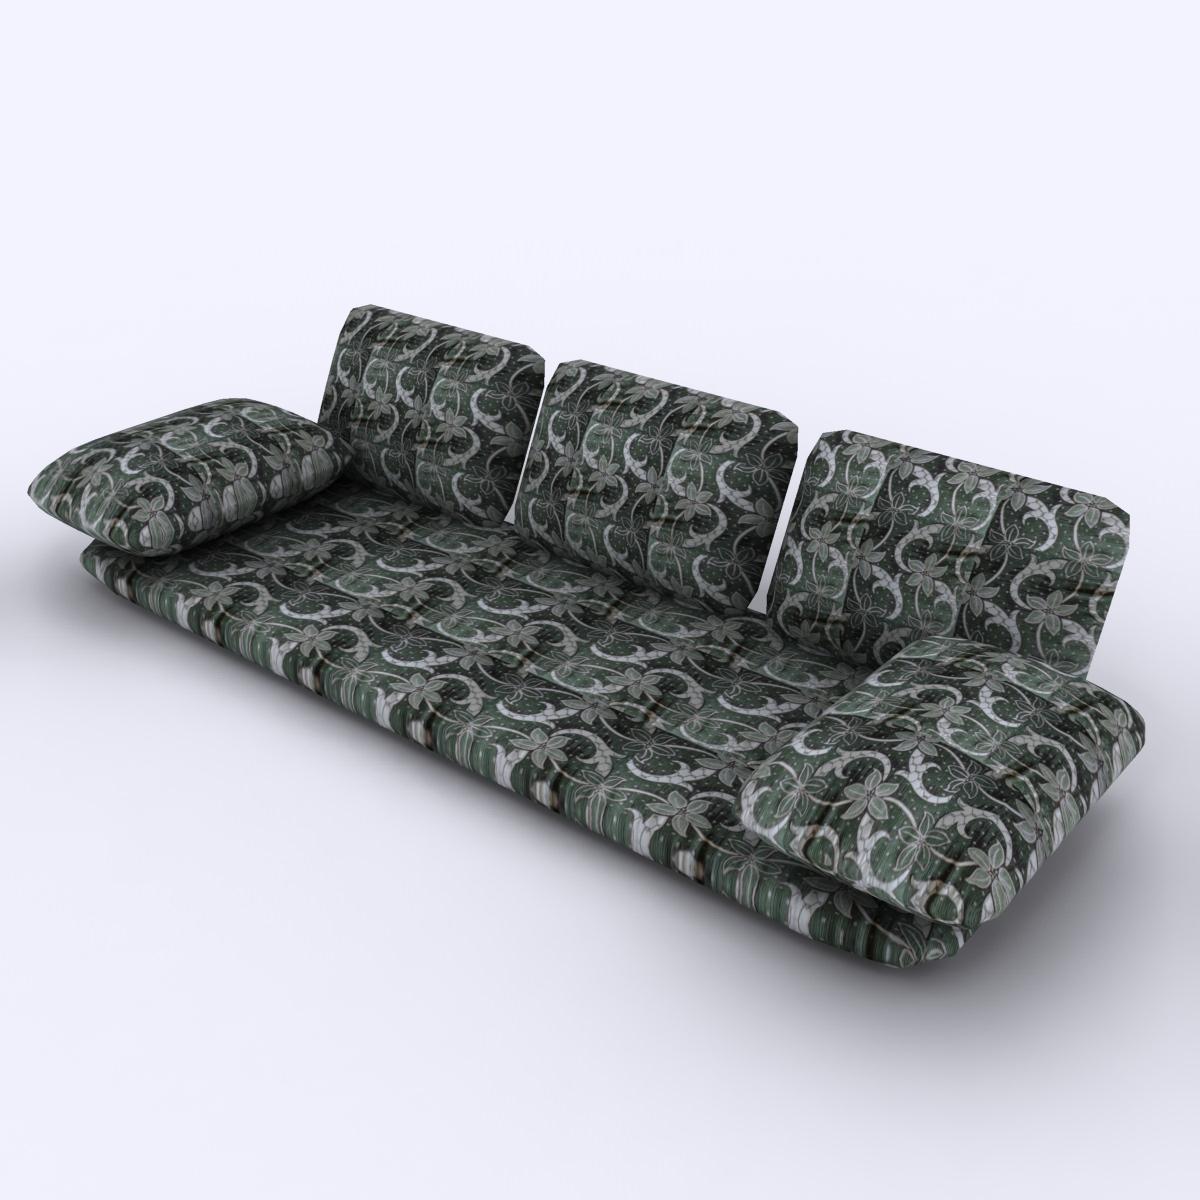 ... Arabian Floor Sofa 3d Model Max Obj 3ds Fbx 2 ...